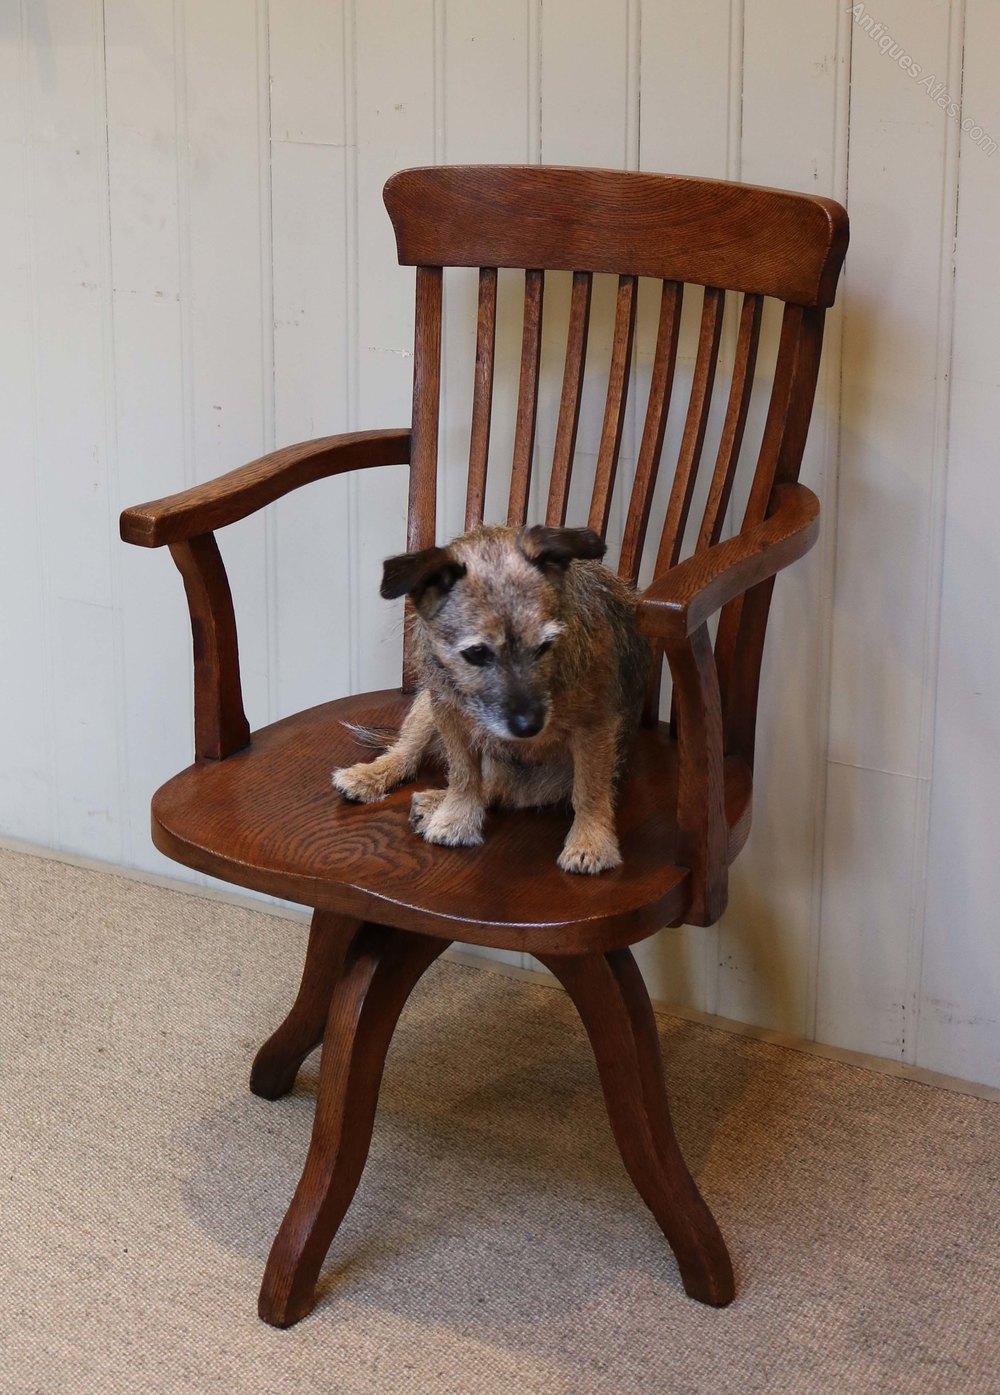 swivel chair sale uk motorized easy oak office - antiques atlas